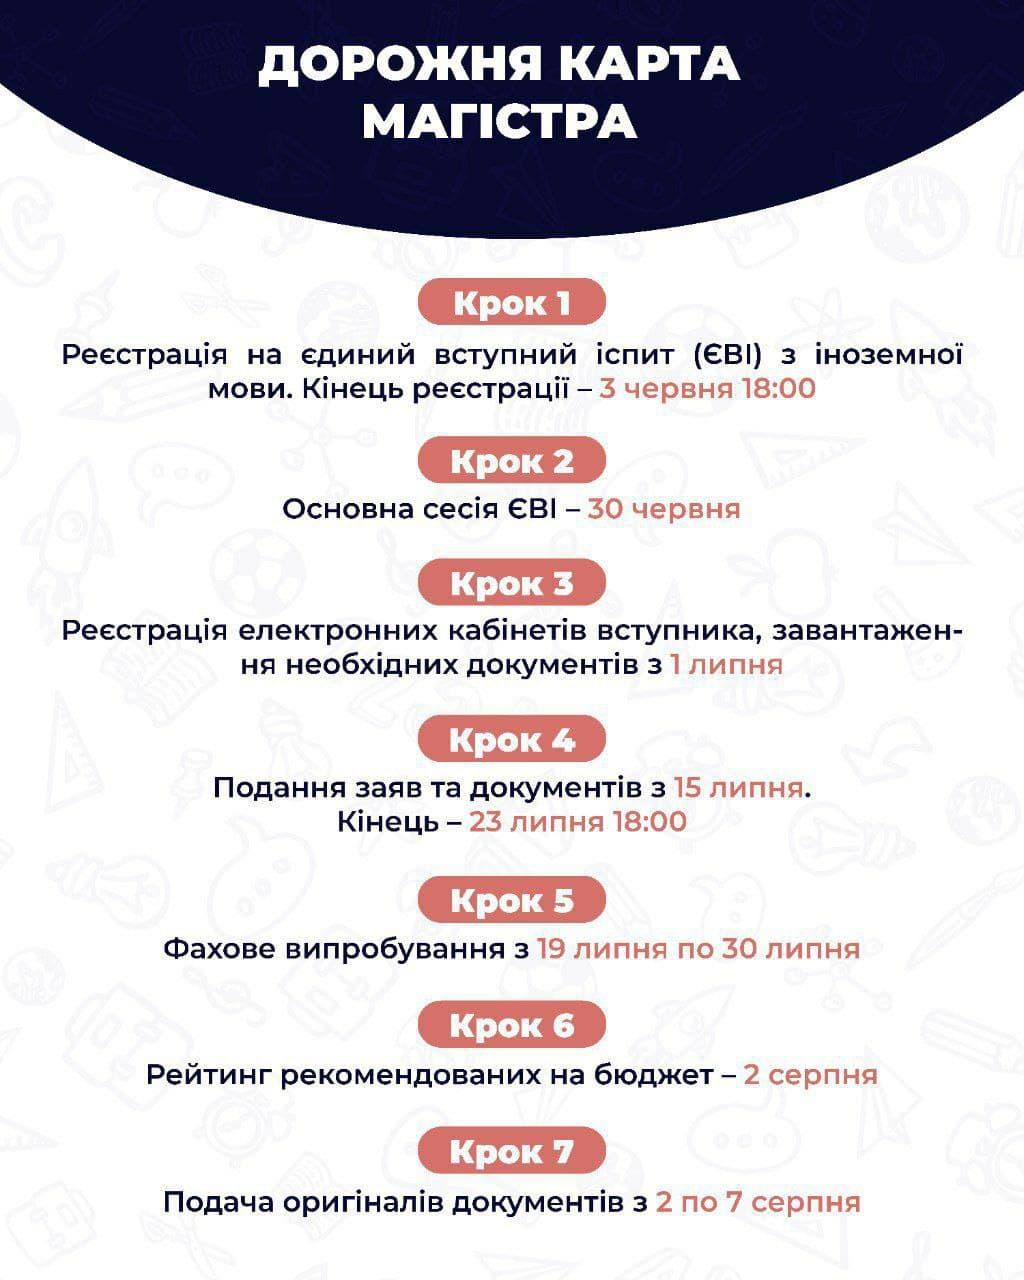 Дорожня карта МАГІСТРА.